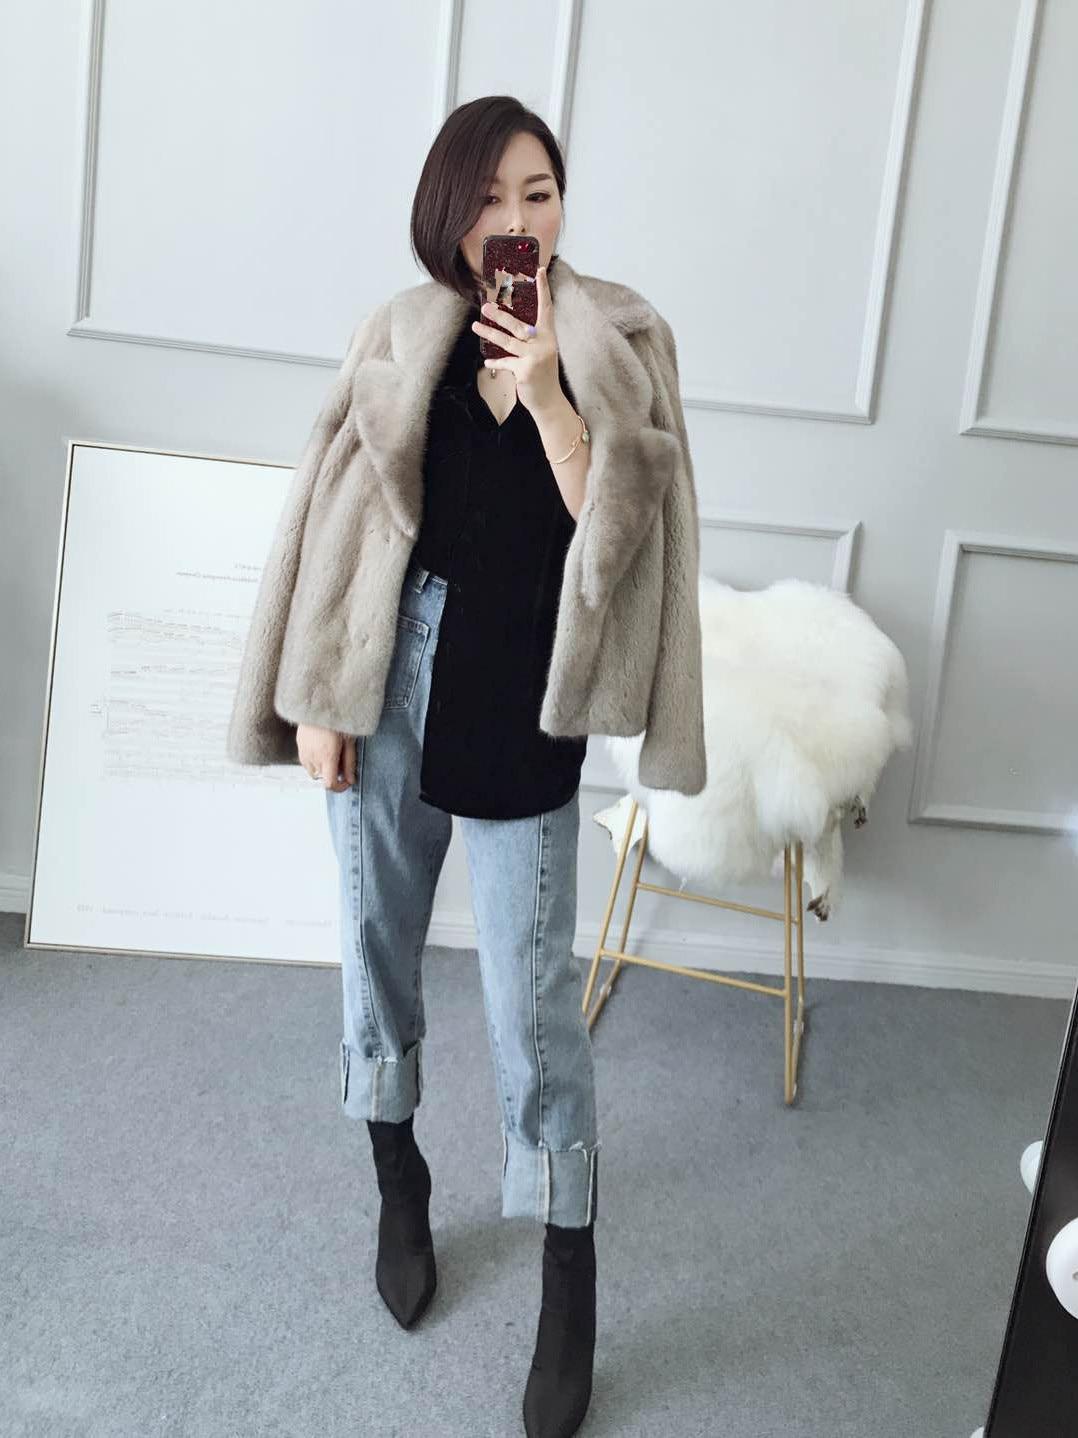 Blue Silver Vison Fourrure Nouvelles Mode Courte Femmes Veste Col Outwear Manteau Irrégulière 2018 De BpFqO4nW